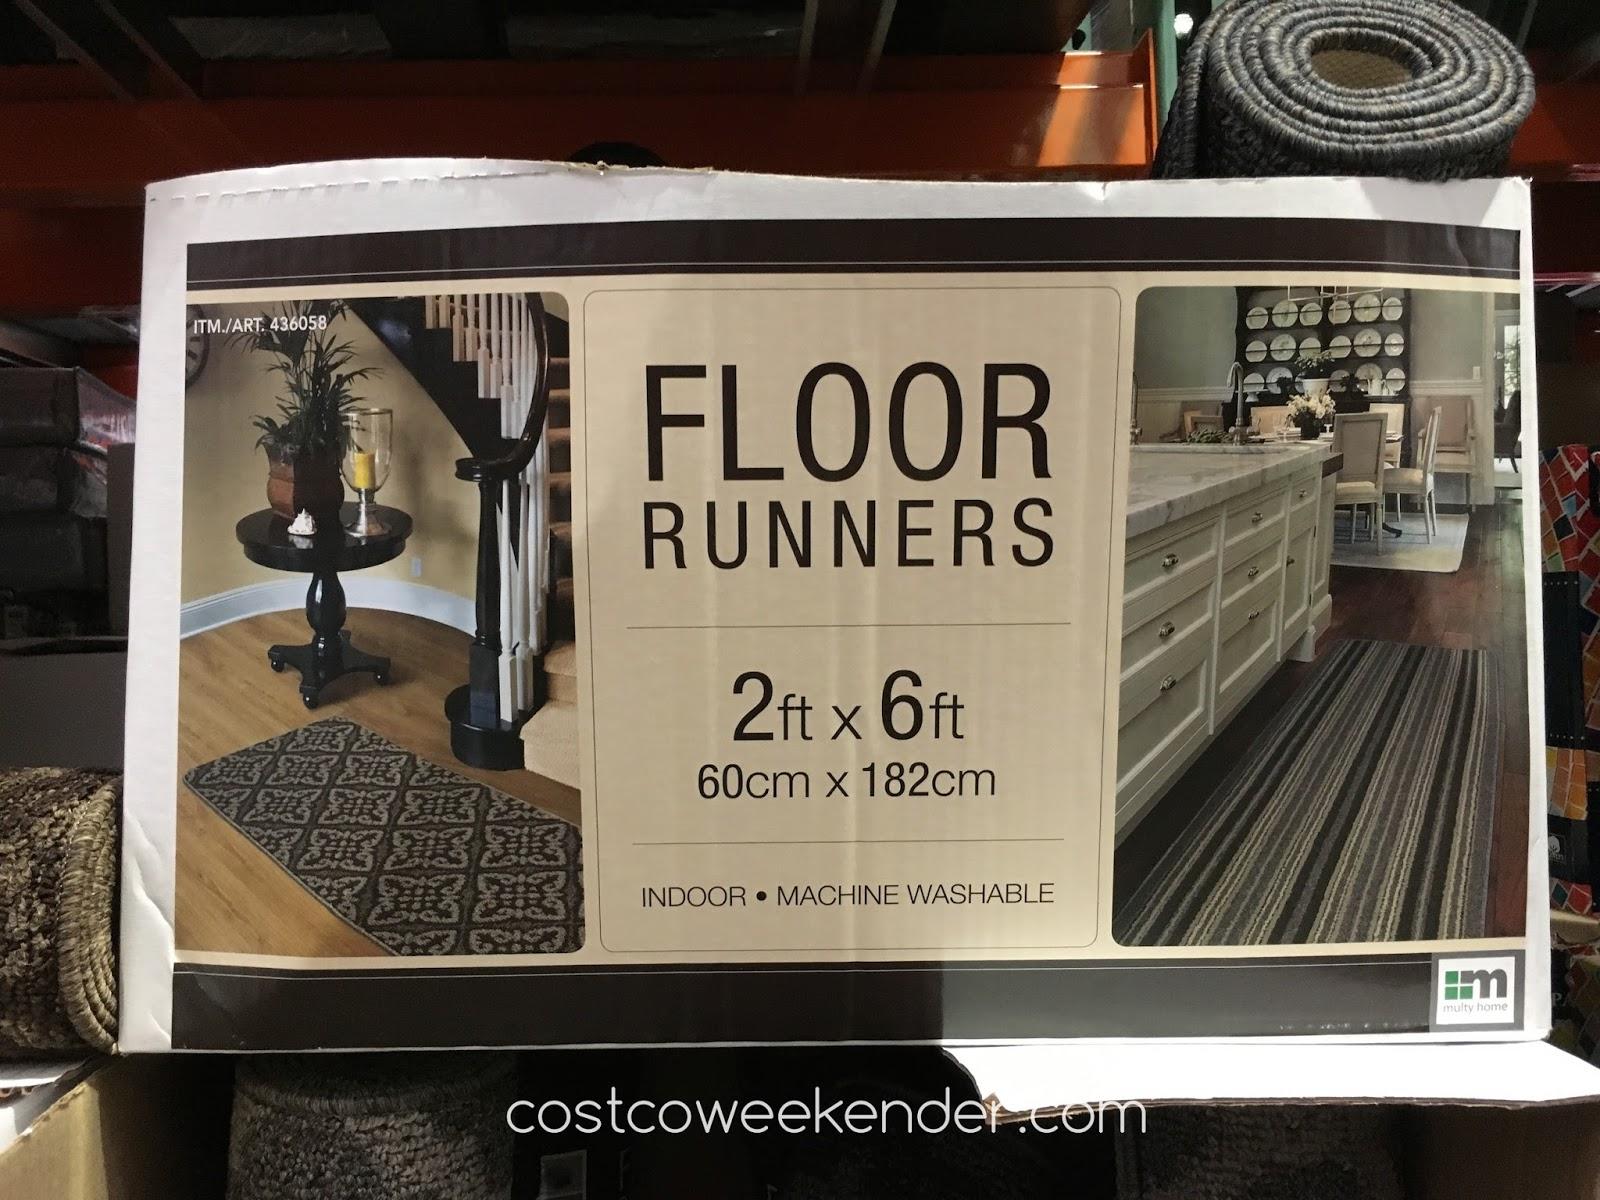 Multy Home Floor Runners Costco Weekender